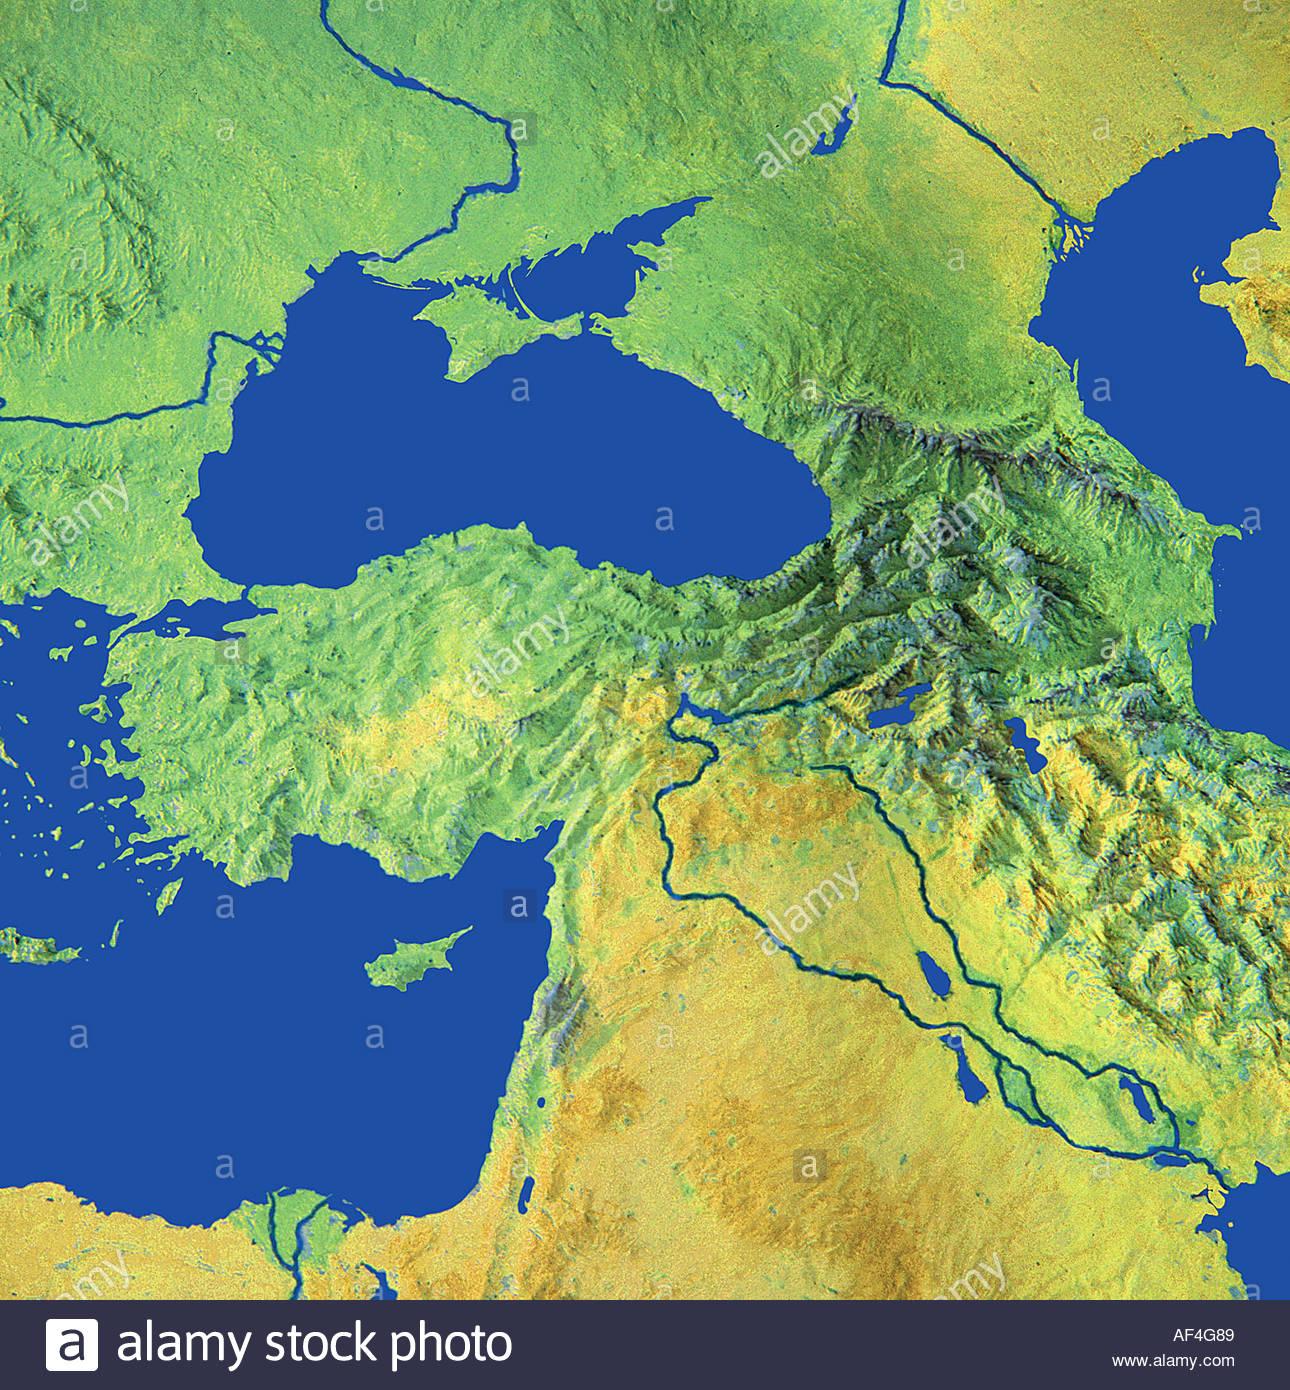 map maps globe globes Middle East Turkey Iraq Black See Georgia